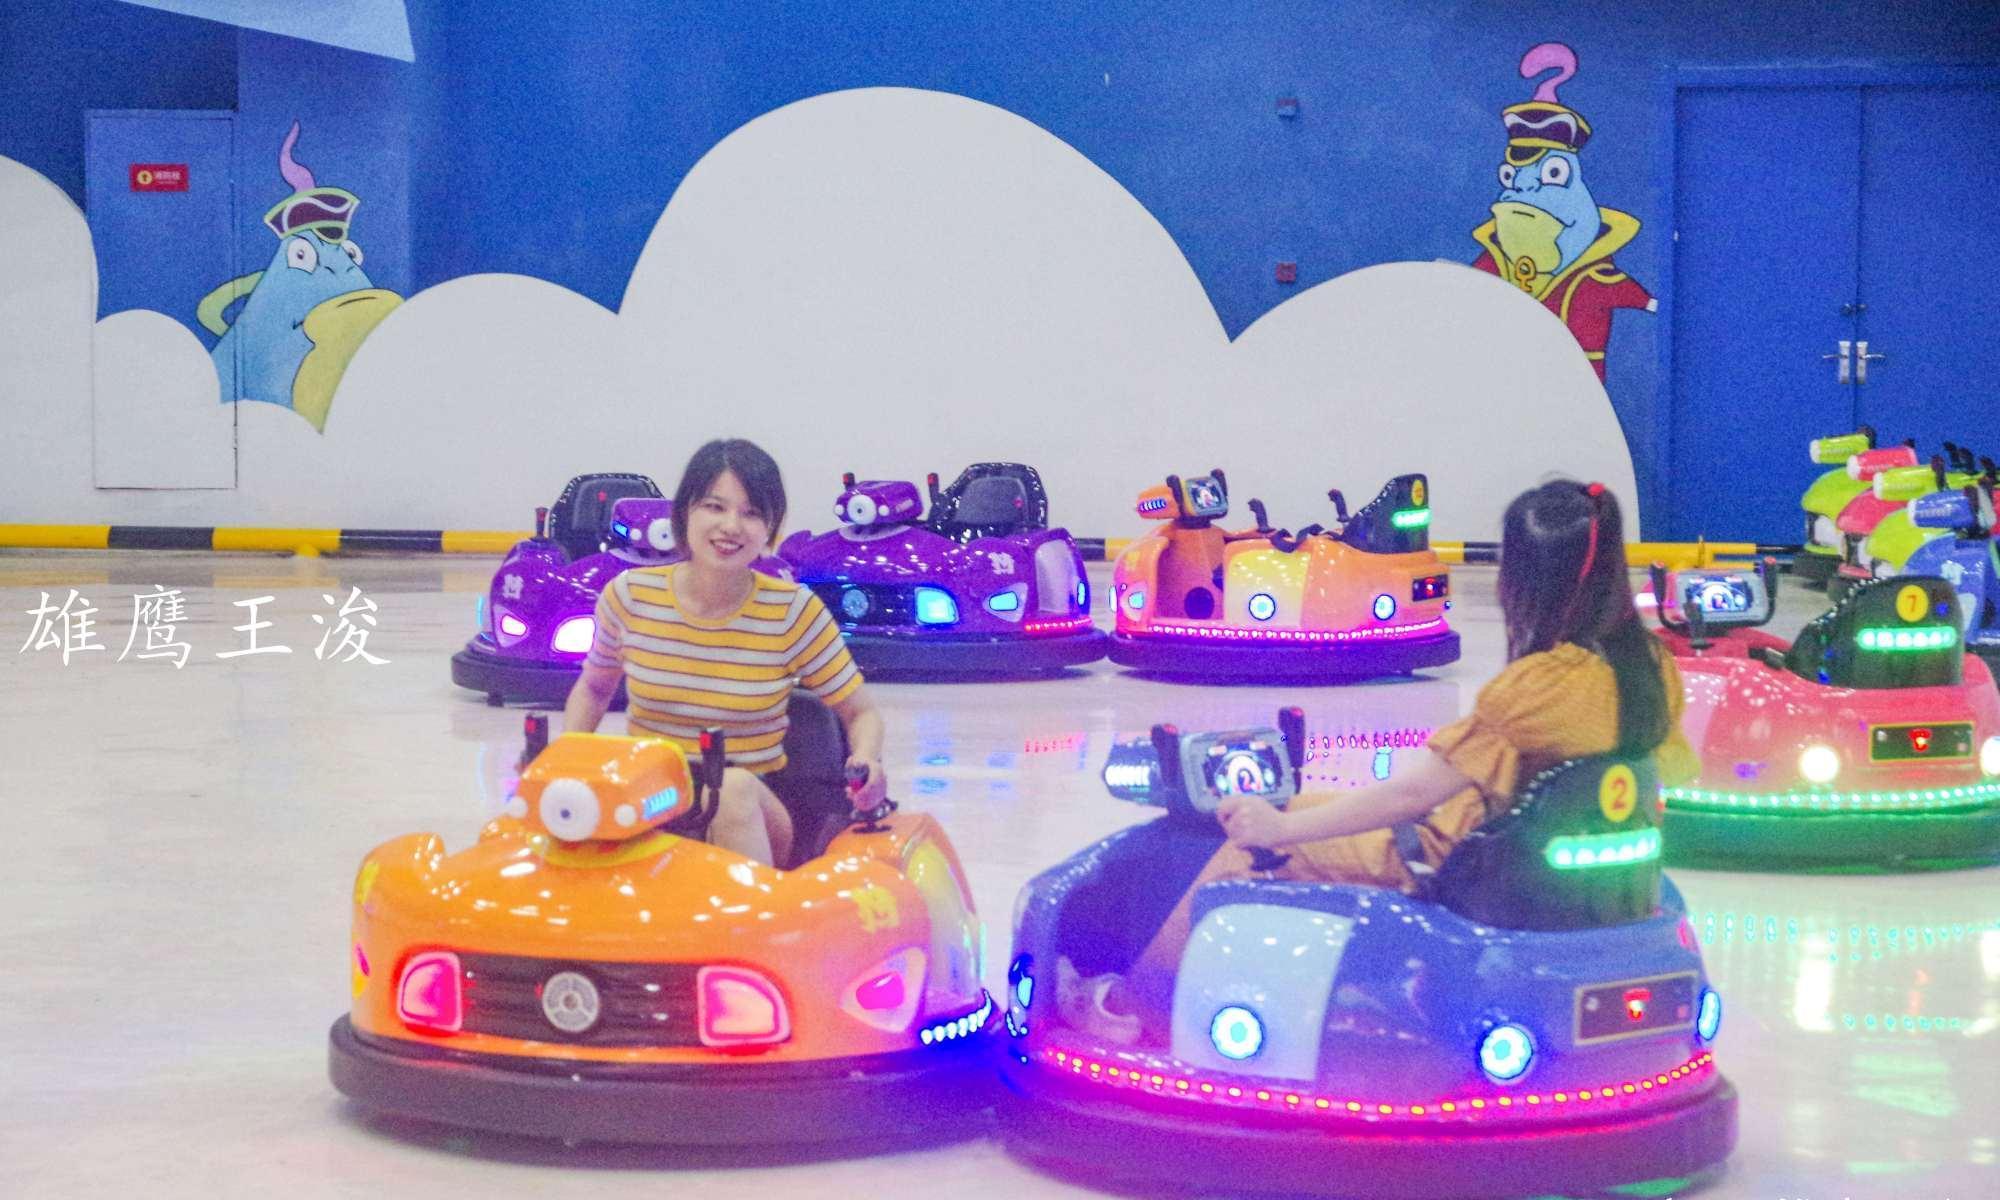 上海旅游别总去迪士尼,亚洲首家乐园值得去,许多当地人都没去过